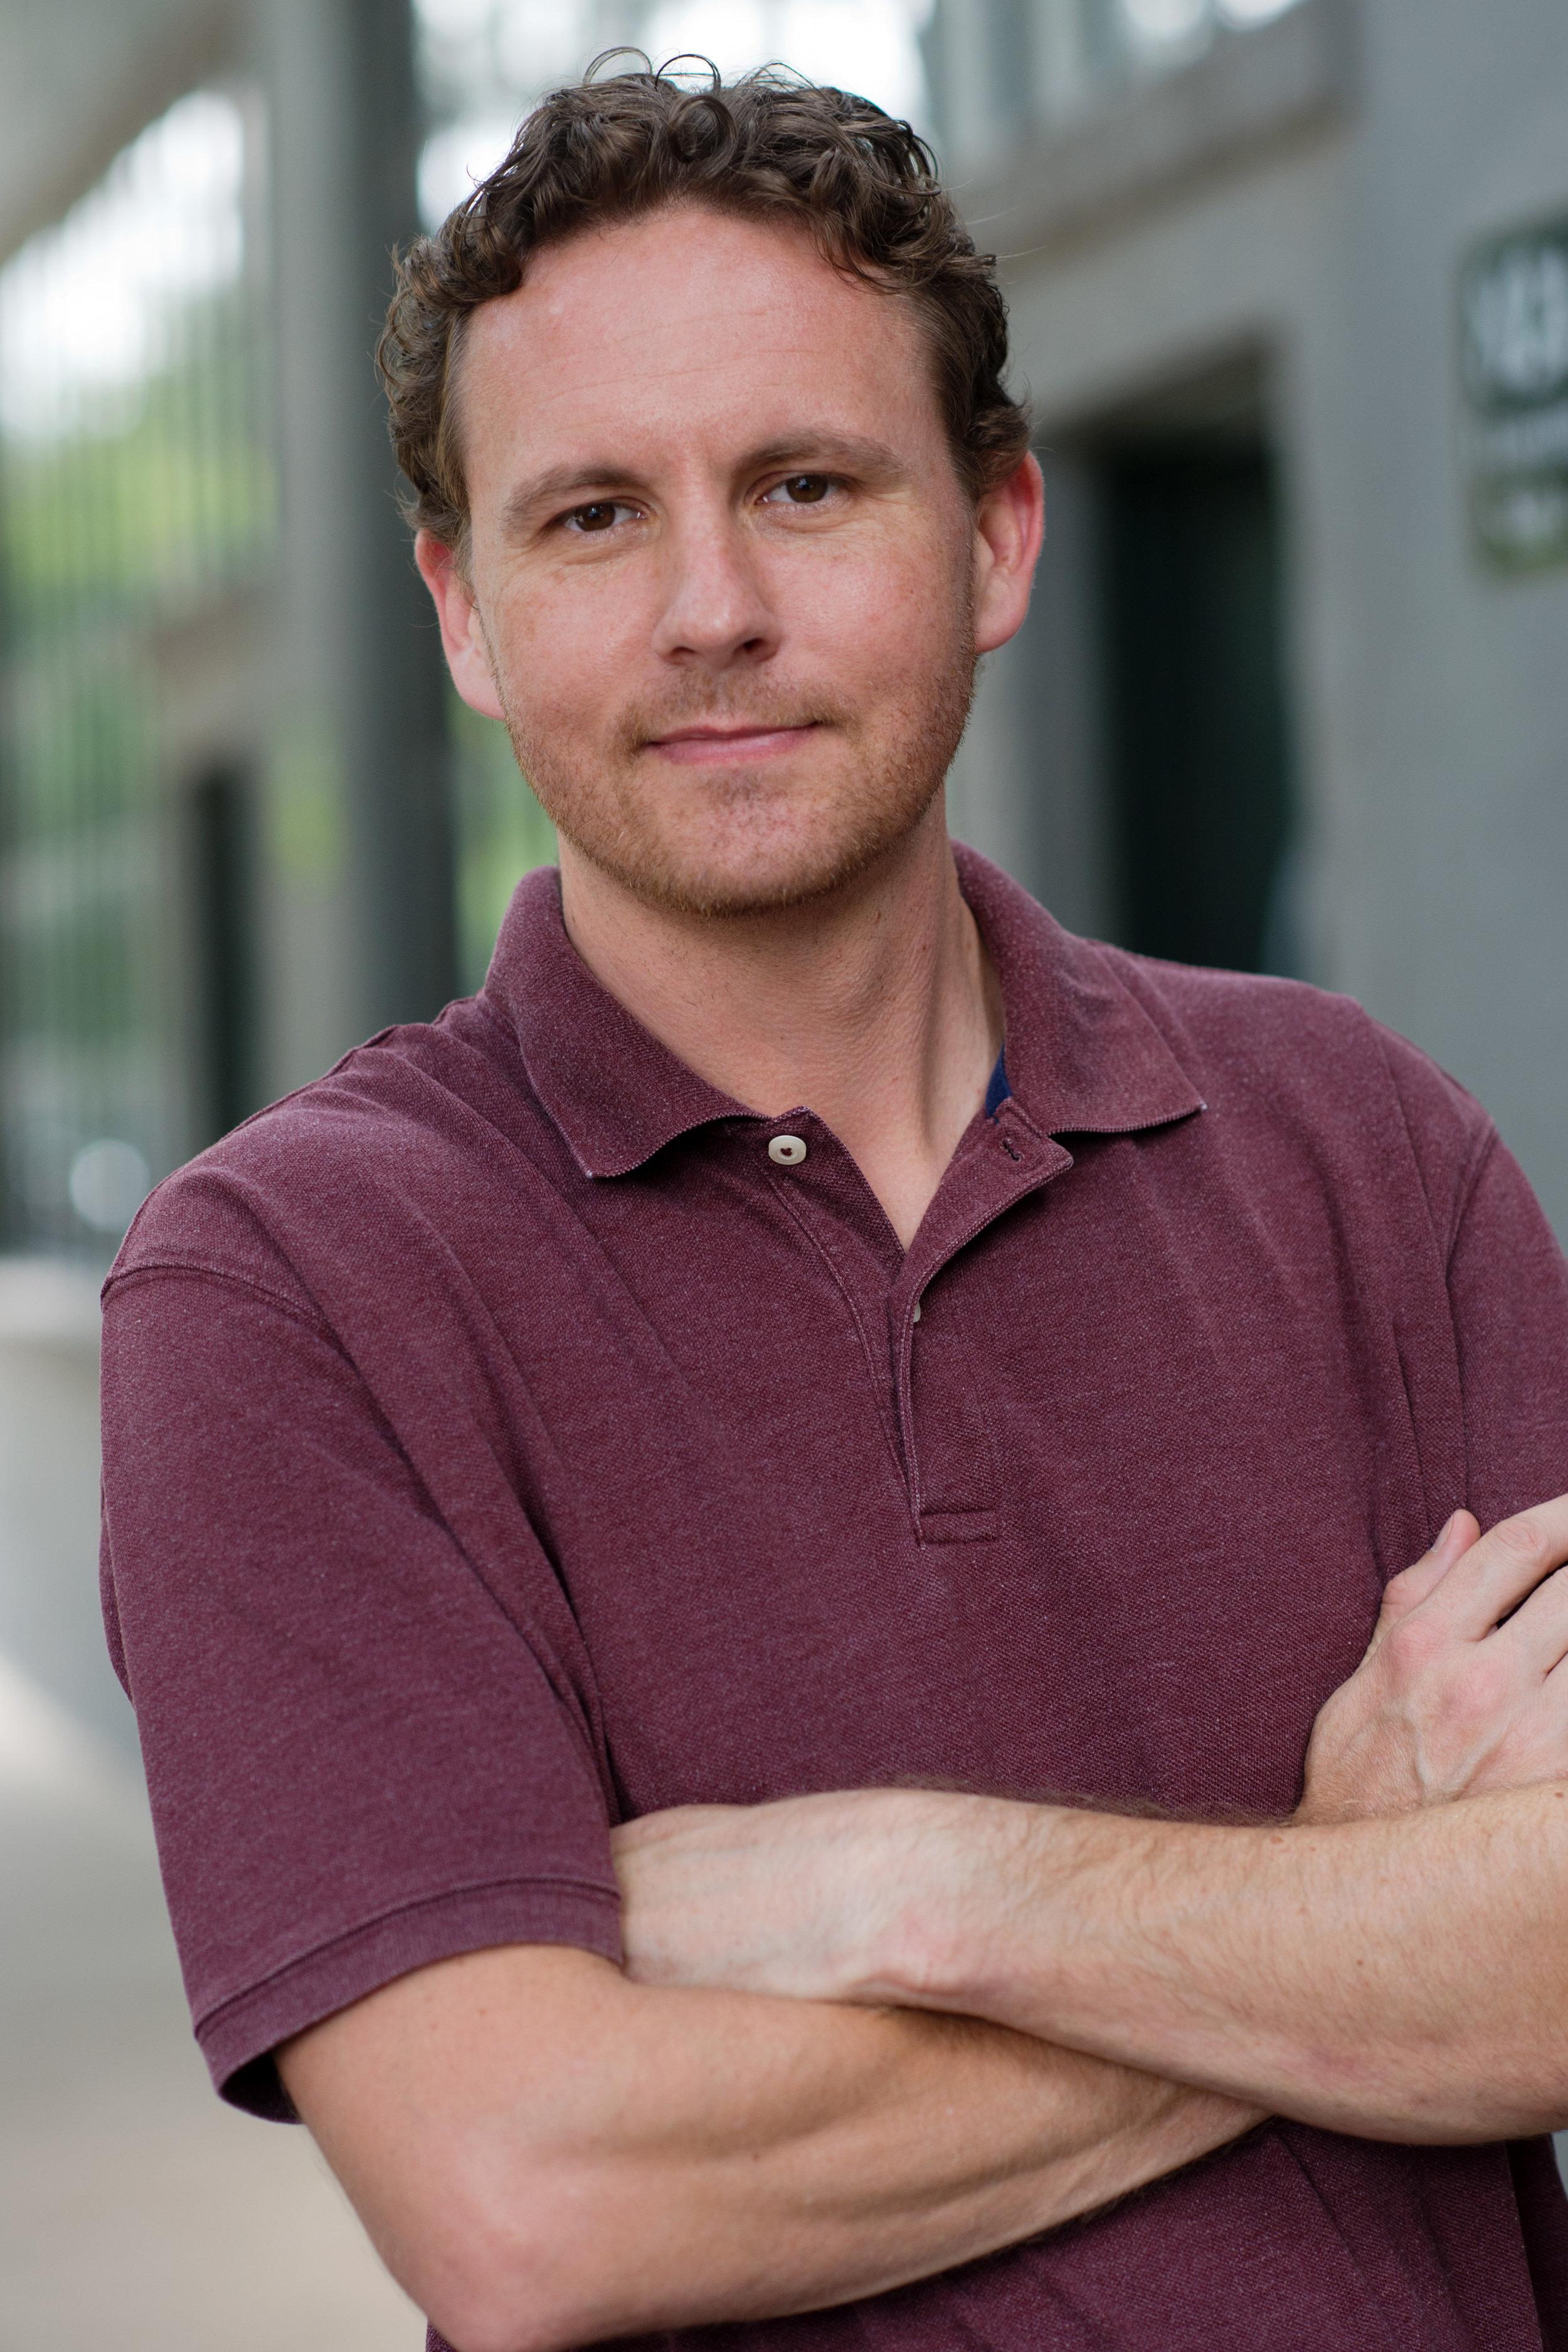 Josh Emerson